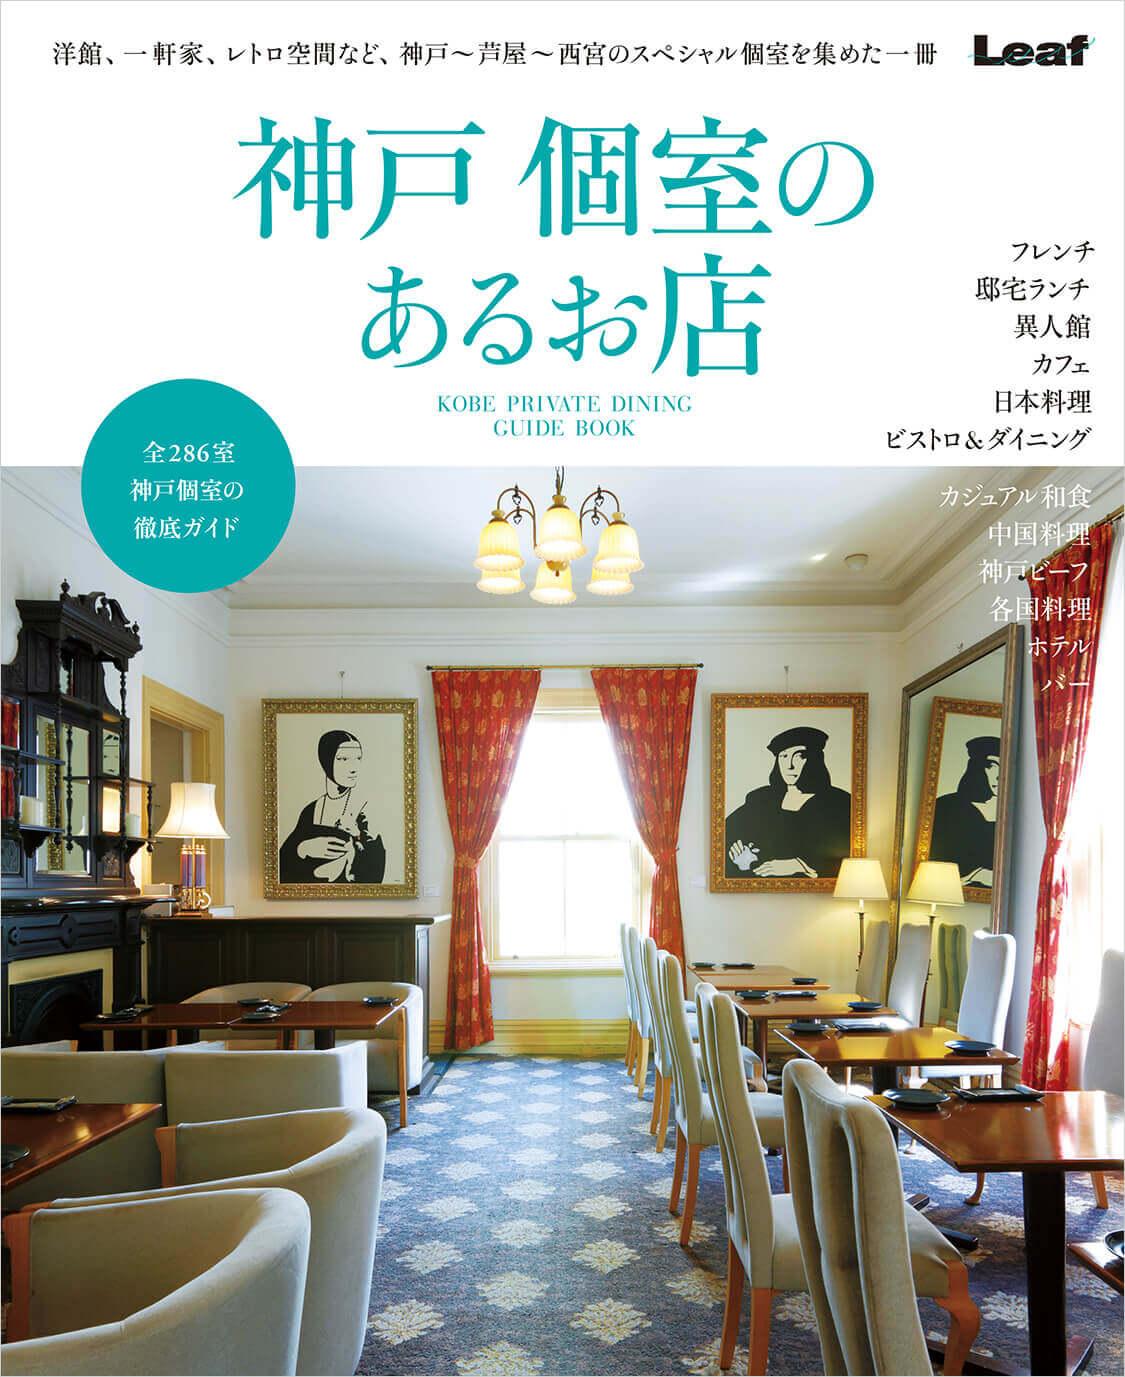 LeafMOOK 【書籍】神戸 個室のあるお店